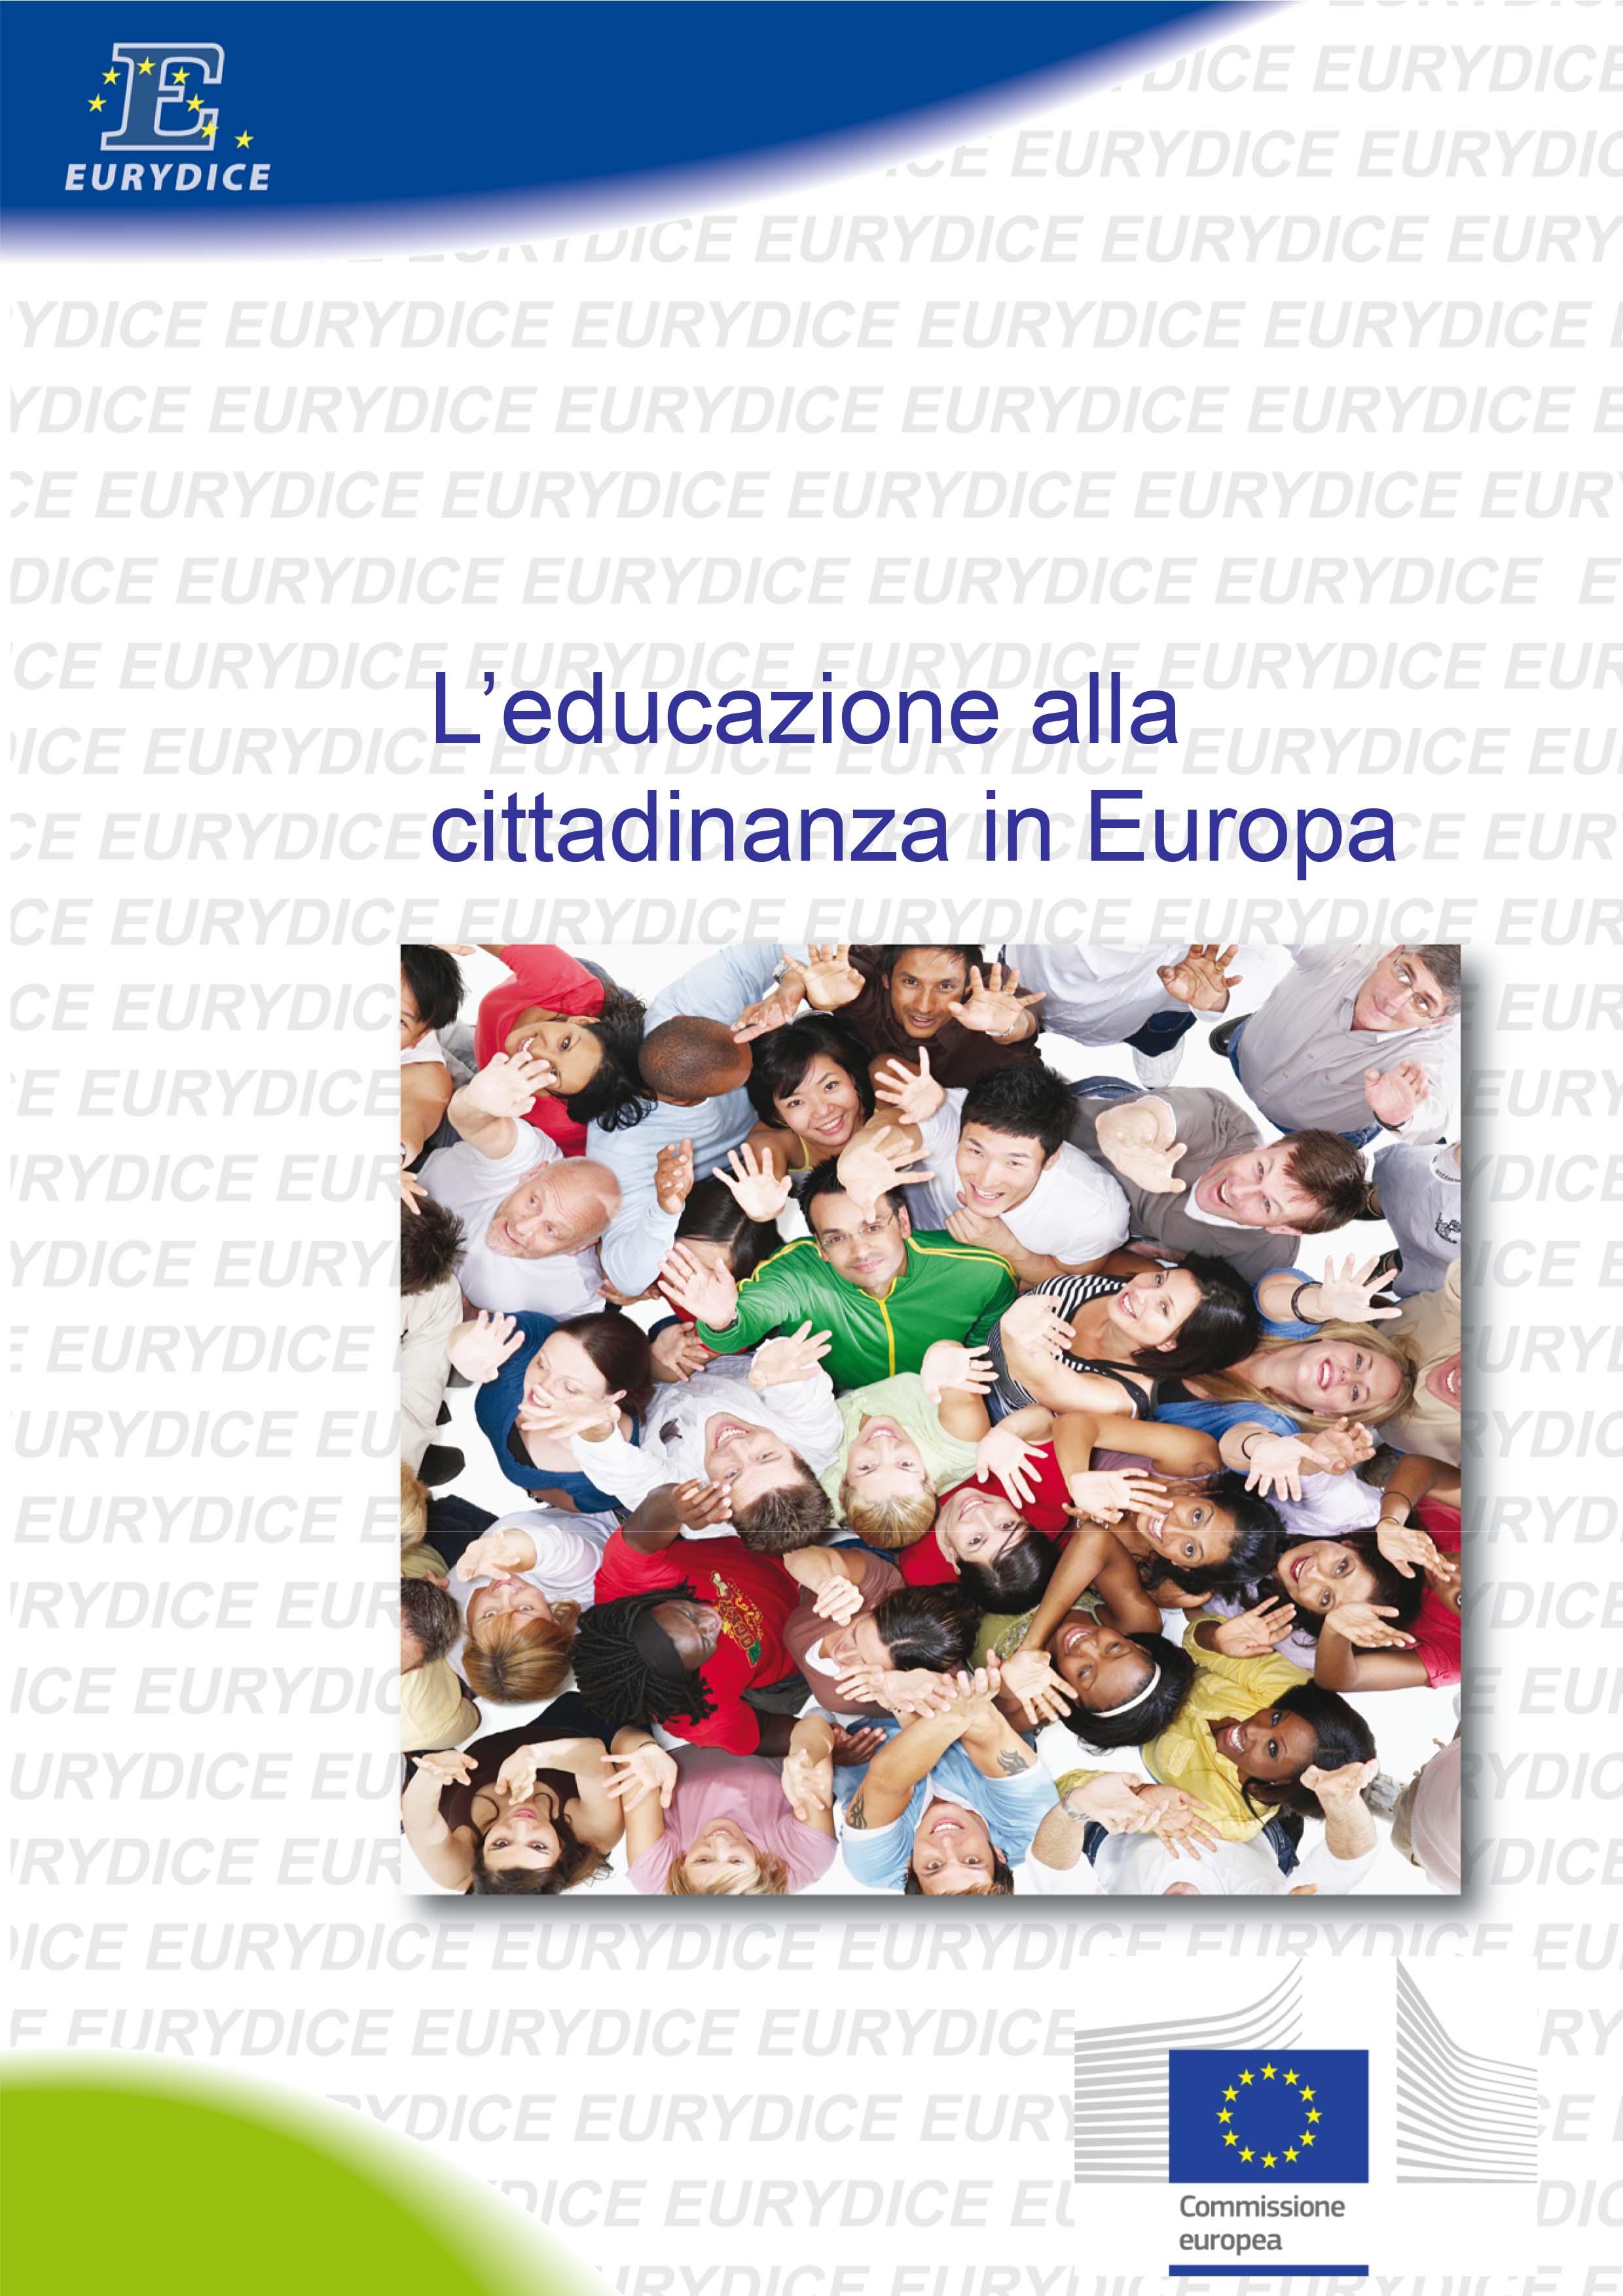 L'educazione alla cittadinanza in Europa